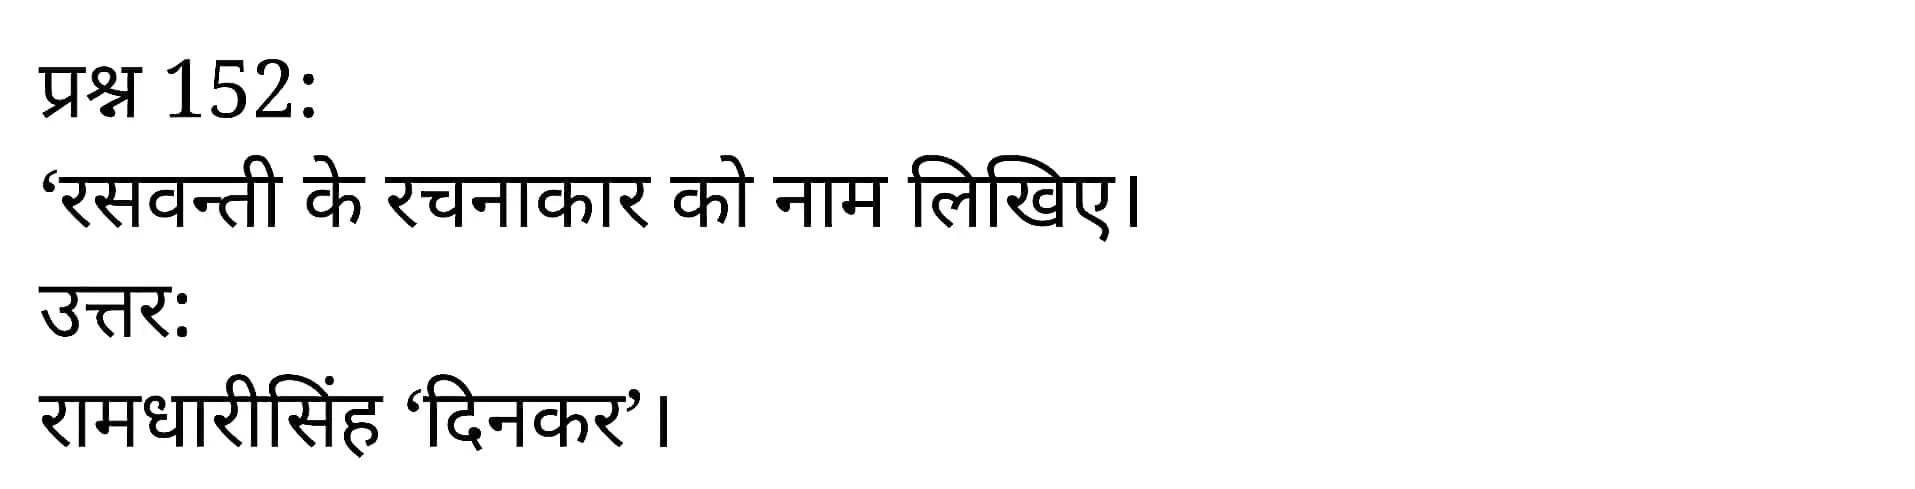 कक्षा 11 साहित्यिक हिंदीपद्य-साहित्य का विकास अतिलघु उत्तरीय प्रश्न के नोट्स साहित्यिक हिंदी में एनसीईआरटी समाधान,   class 11 sahityik hindi pady-saahity ka vikaaspady-saahity ka vikaas atilaghu uttareey prashnn,  class 11 sahityik hindi pady-saahity ka vikaas atilaghu uttareey prashnnncert solutions in sahityik hindi,  class 11 sahityik hindi pady-saahity ka vikaas atilaghu uttareey prashnnnotes in sahityik hindi,  class 11 sahityik hindi pady-saahity ka vikaas atilaghu uttareey prashnnquestion answer,  class 11 sahityik hindi pady-saahity ka vikaas atilaghu uttareey prashnnnotes,  11   class pady-saahity ka vikaas atilaghu uttareey prashnnpady-saahity ka vikaas atilaghu uttareey prashnnin sahityik hindi,  class 11 sahityik hindi pady-saahity ka vikaas atilaghu uttareey prashnnin sahityik hindi,  class 11 sahityik hindi pady-saahity ka vikaas atilaghu uttareey prashnnimportant questions in sahityik hindi,  class 11 sahityik hindi pady-saahity ka vikaas atilaghu uttareey prashnn notes in sahityik hindi,  class 11 sahityik hindi pady-saahity ka vikaas atilaghu uttareey prashn ntest,  class 11 sahityik hindi  chapter 1 pady-saahity ka vikaas atilaghu uttareey prashnnpdf,  class 11 sahityik hindi pady-saahity ka vikaas atilaghu uttareey prashnnnotes pdf,  class 11 sahityik hindi pady-saahity ka vikaas atilaghu uttareey prashnnexercise solutions,  class 11 sahityik hindi pady-saahity ka vikaaspady-saahity ka vikaas atilaghu uttareey prashnn, class 11 sahityik hindi pady-saahity ka vikaas atilaghu uttareey prashnnnotes study rankers,  class 11 sahityik hindi pady-saahity ka vikaas atilaghu uttareey prashnnnotes,  class 11 sahityik hindi pady-saahity ka vikaas atilaghu uttareey prashnn notes,  pady-saahity ka vikaas atilaghu uttareey prashn  pady-saahity ka vikaas atilaghu uttareey prashnn class 11  notes pdf,  pady-saahity ka vikaas atilaghu uttareey prashnnclass 11  notes  ncert,   pady-saahity ka vikaas atilaghu uttareey prashnnclass 11 pdf,    pady-saahity ka vikaas a